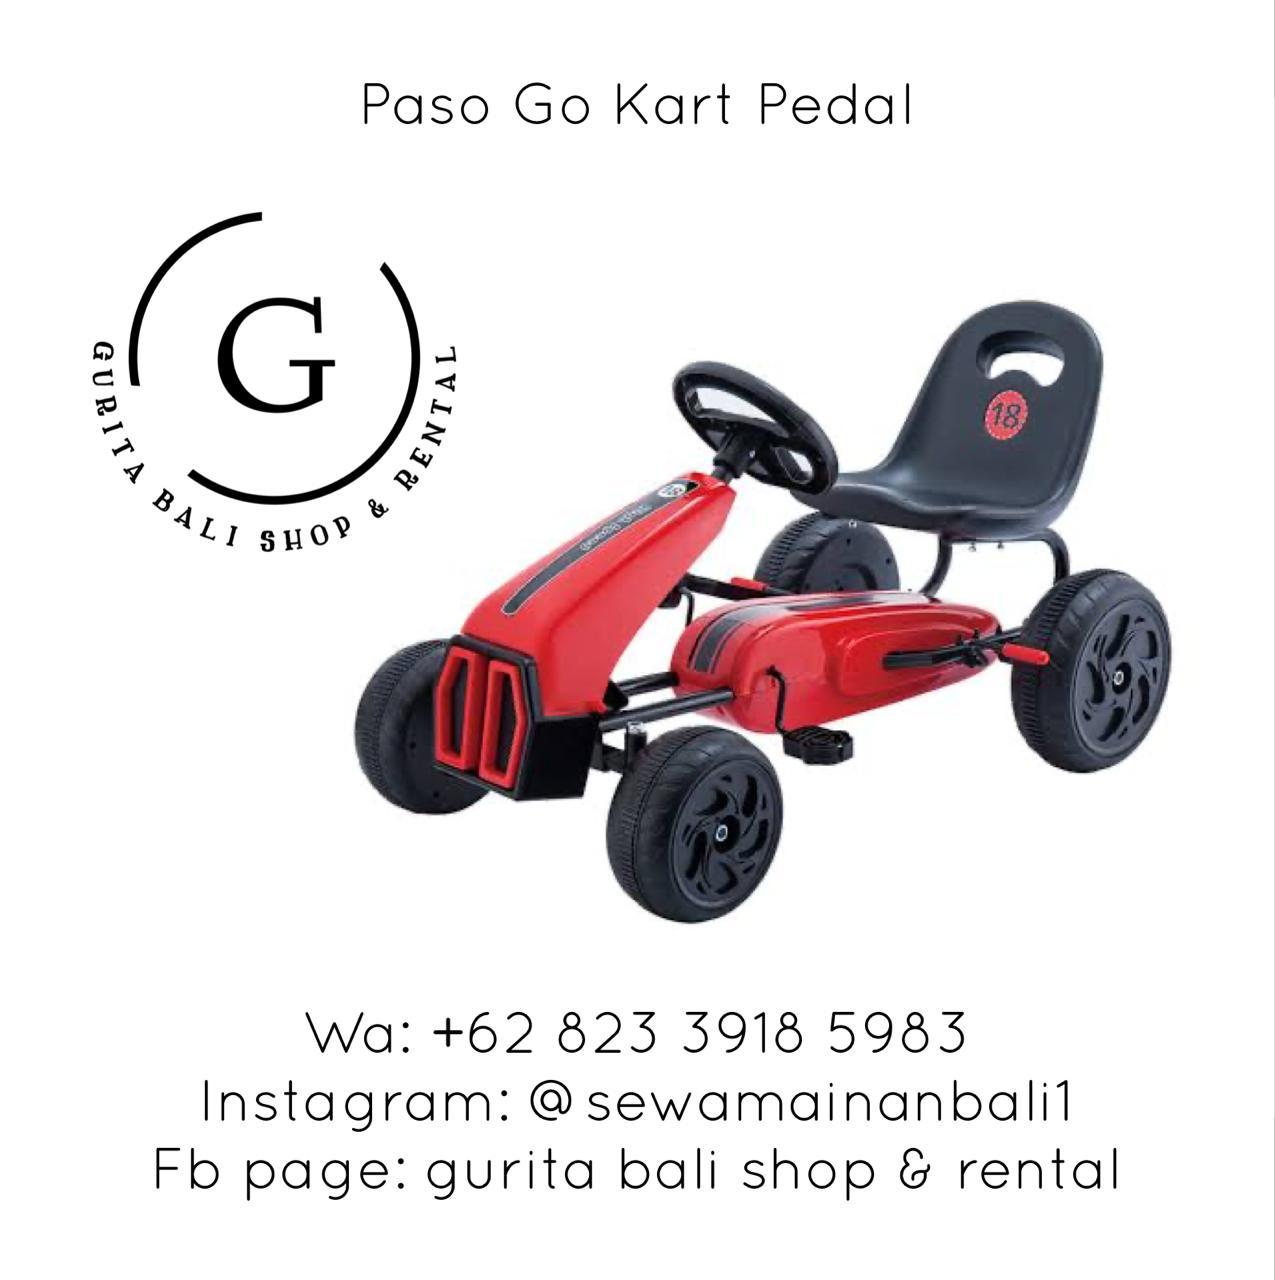 PASO GO KART PEDAL